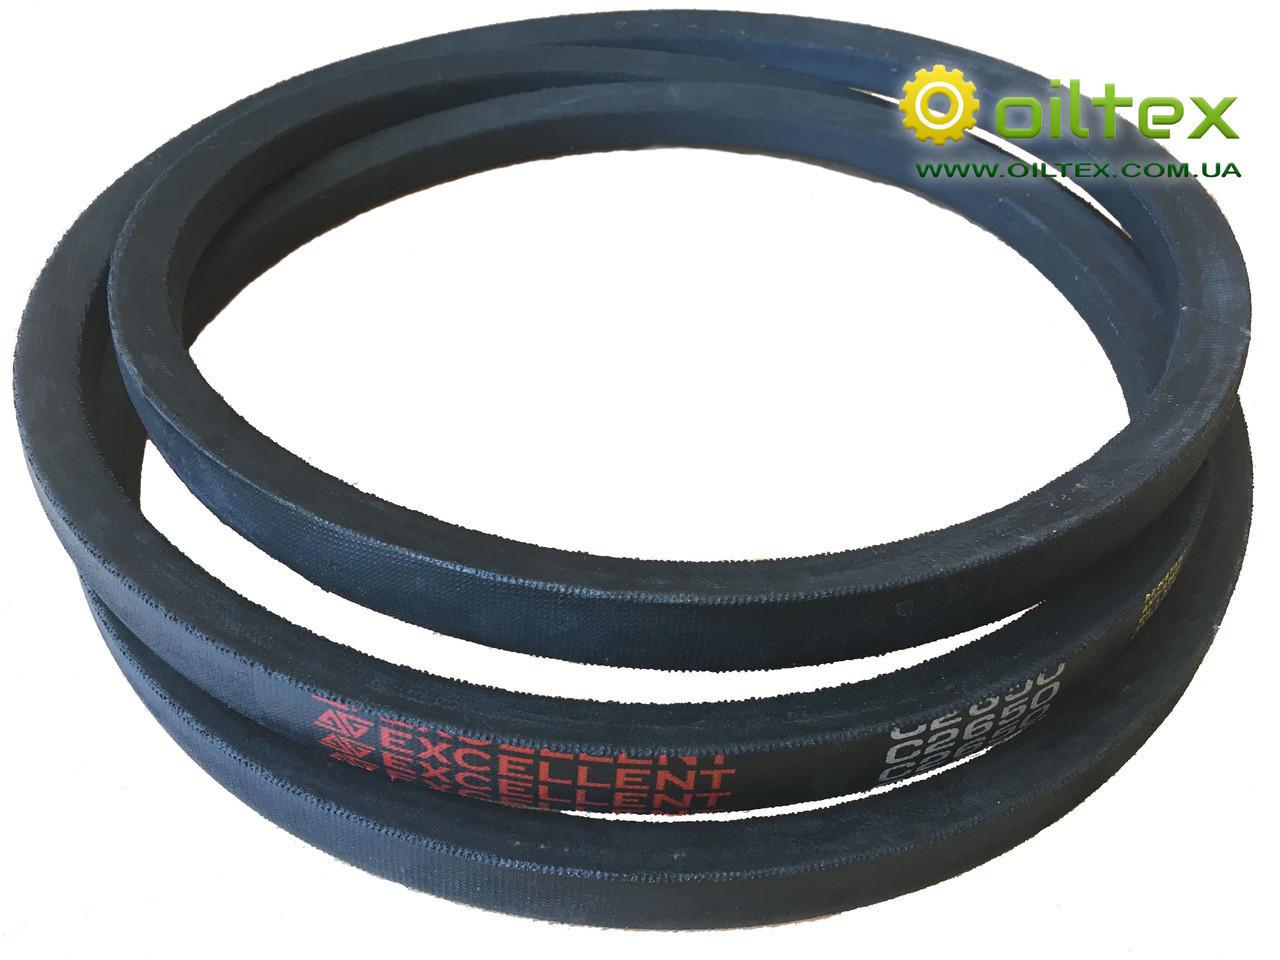 Ремень приводный УВ(SPС)-2360 Excellent